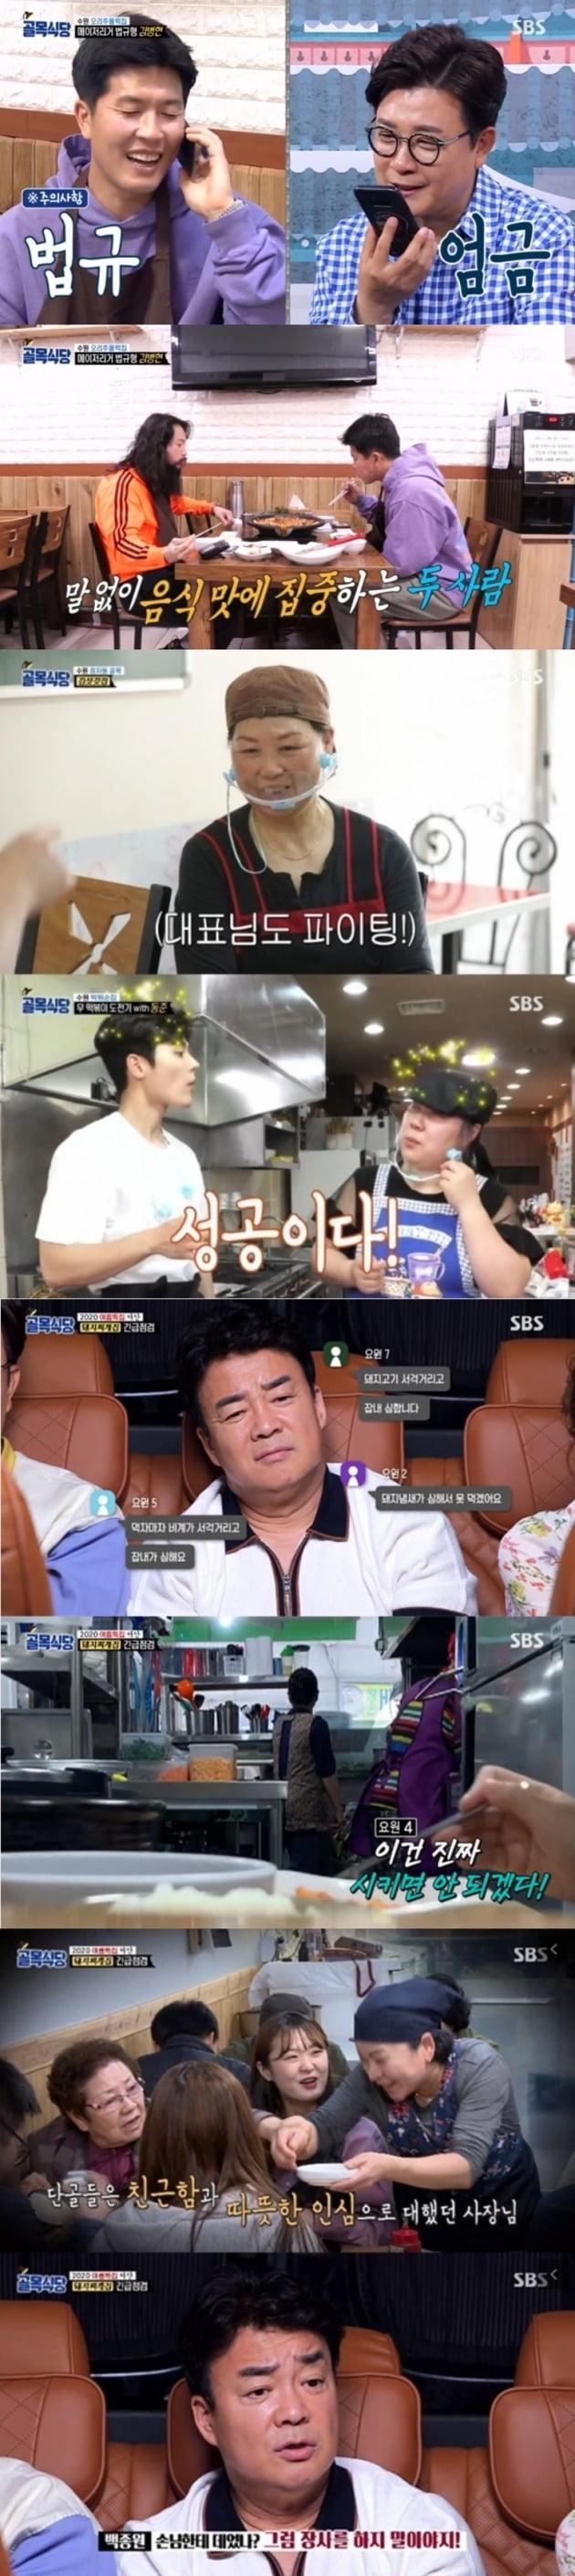 '골목식당' 수원 정자동 골목의 최종 솔루션과 2020 여름특집이 방영됐다. / 사진제공=SBS